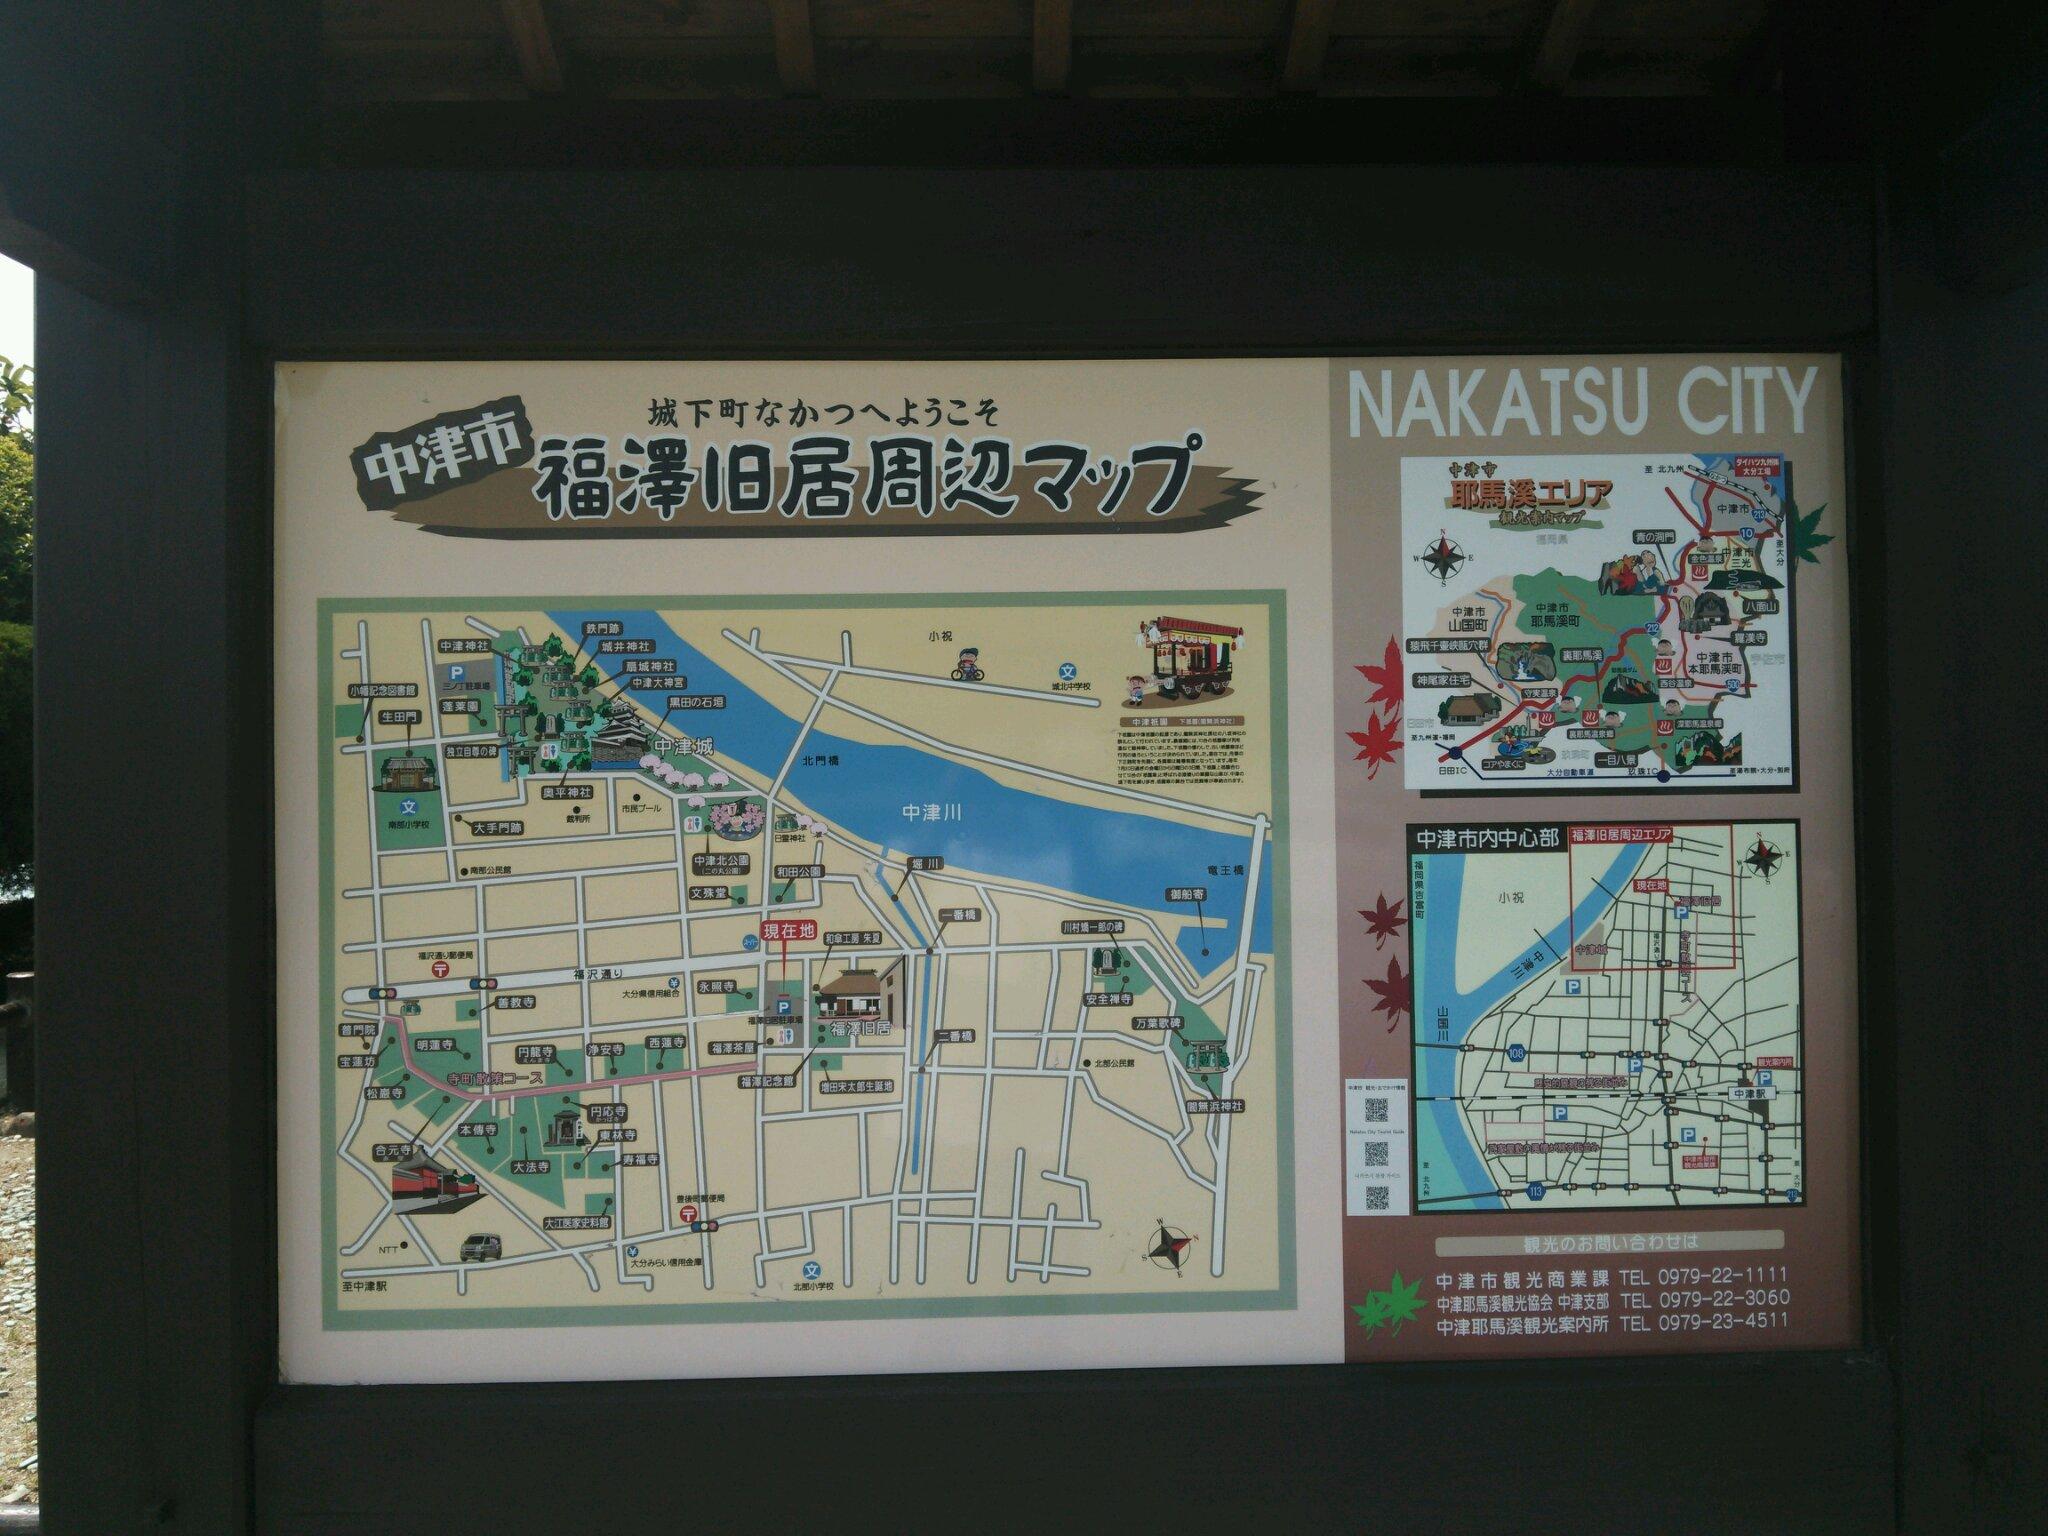 福沢諭吉旧居跡